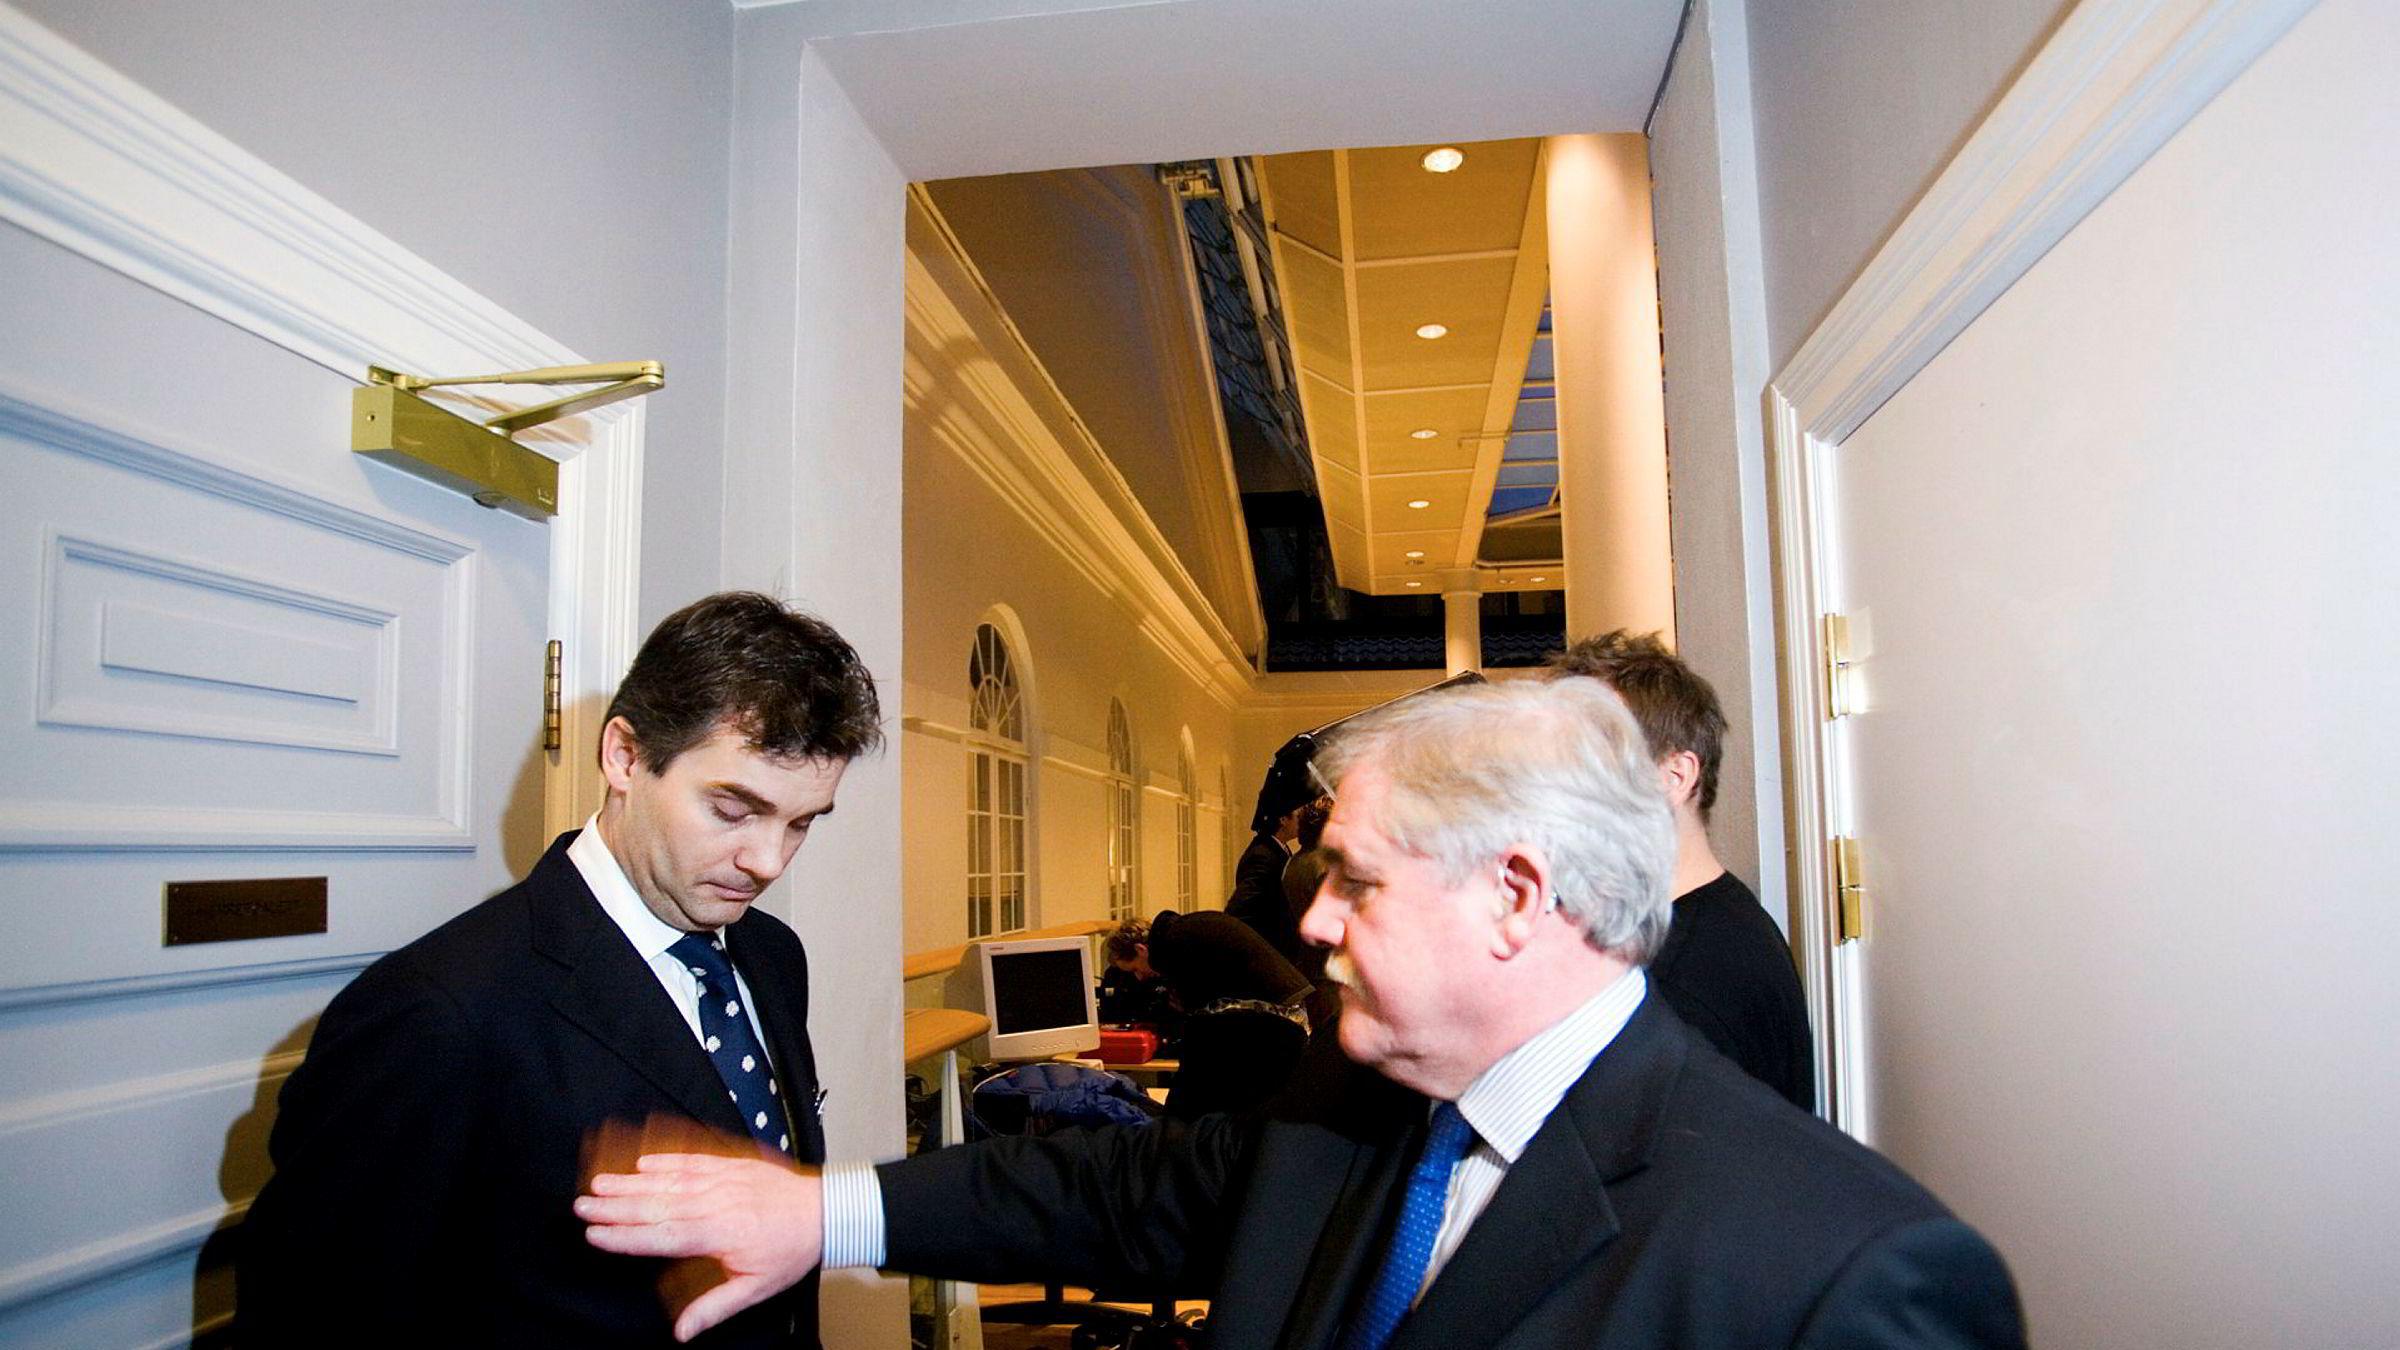 Konsernsjef Haico Halbesma (til venstre) anklager to tidligere finansdirektører for vanstyre. Her sammen med daværende driftsdirektør Jon Mears i august 2007, da selskapet ble børsnotert.